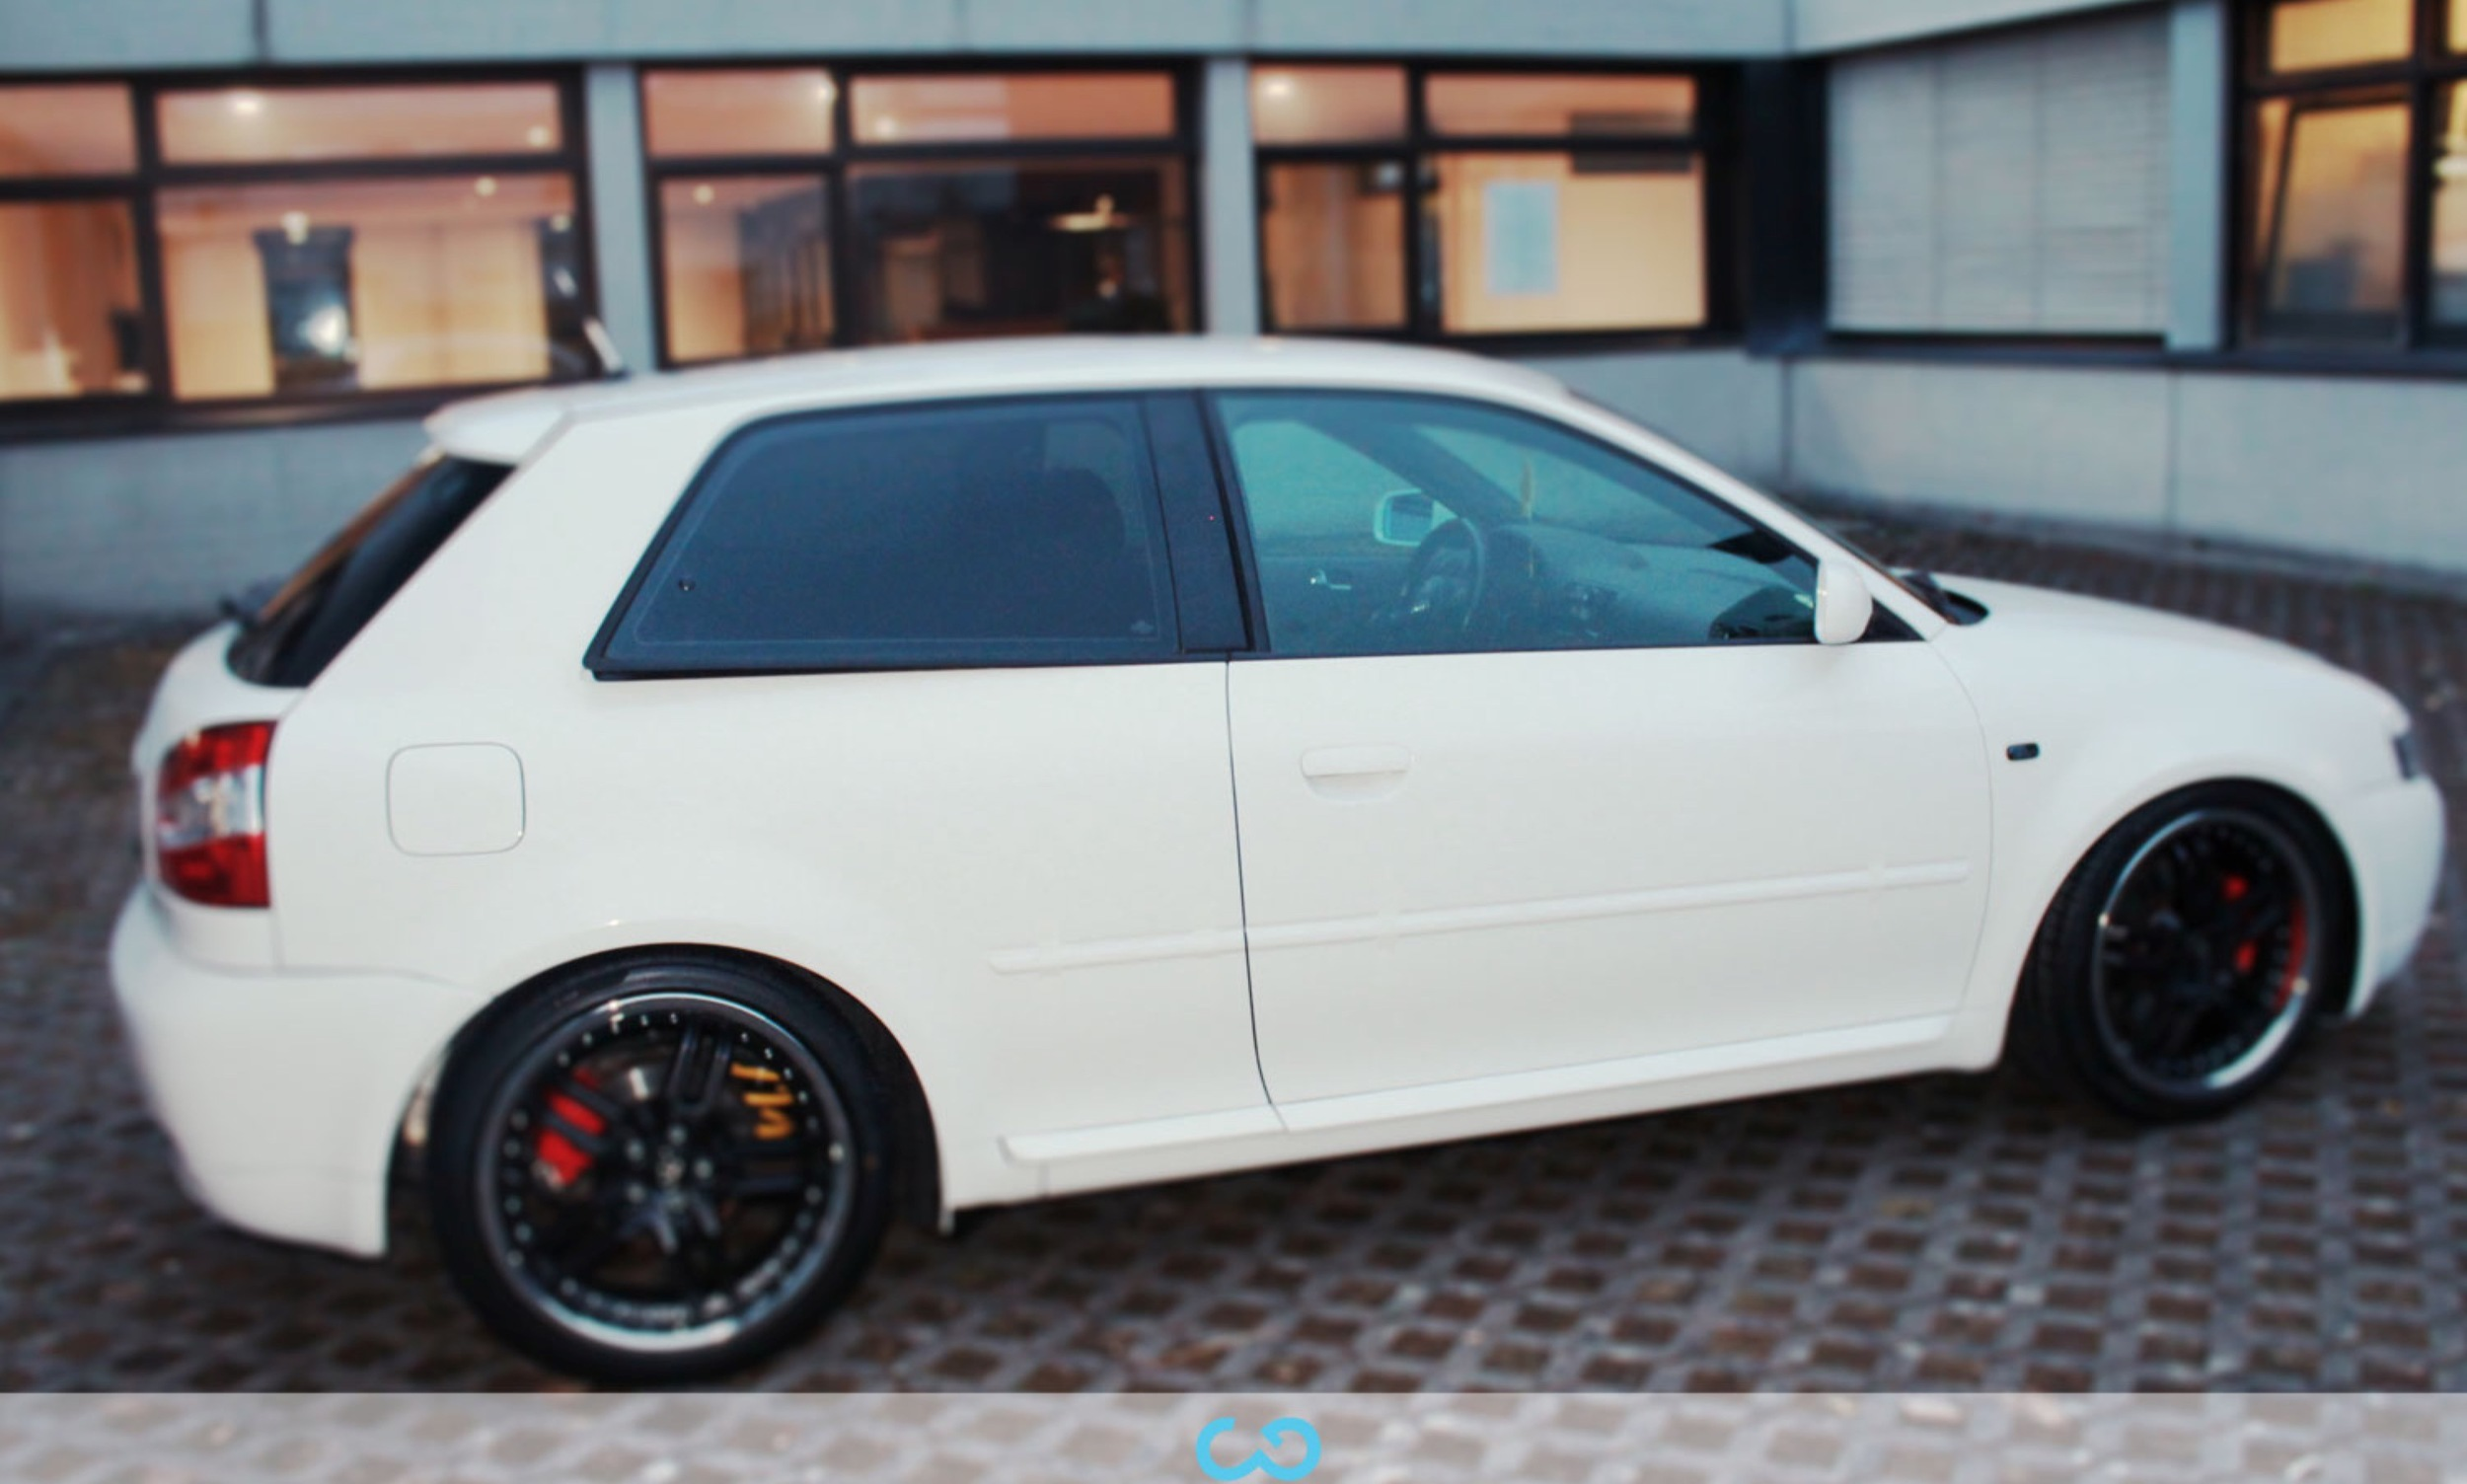 autofolierung-car-wrapping-7-vollfolierung-weiss-glanz-audi-a3-reihe-2013-04-05-3.jpg